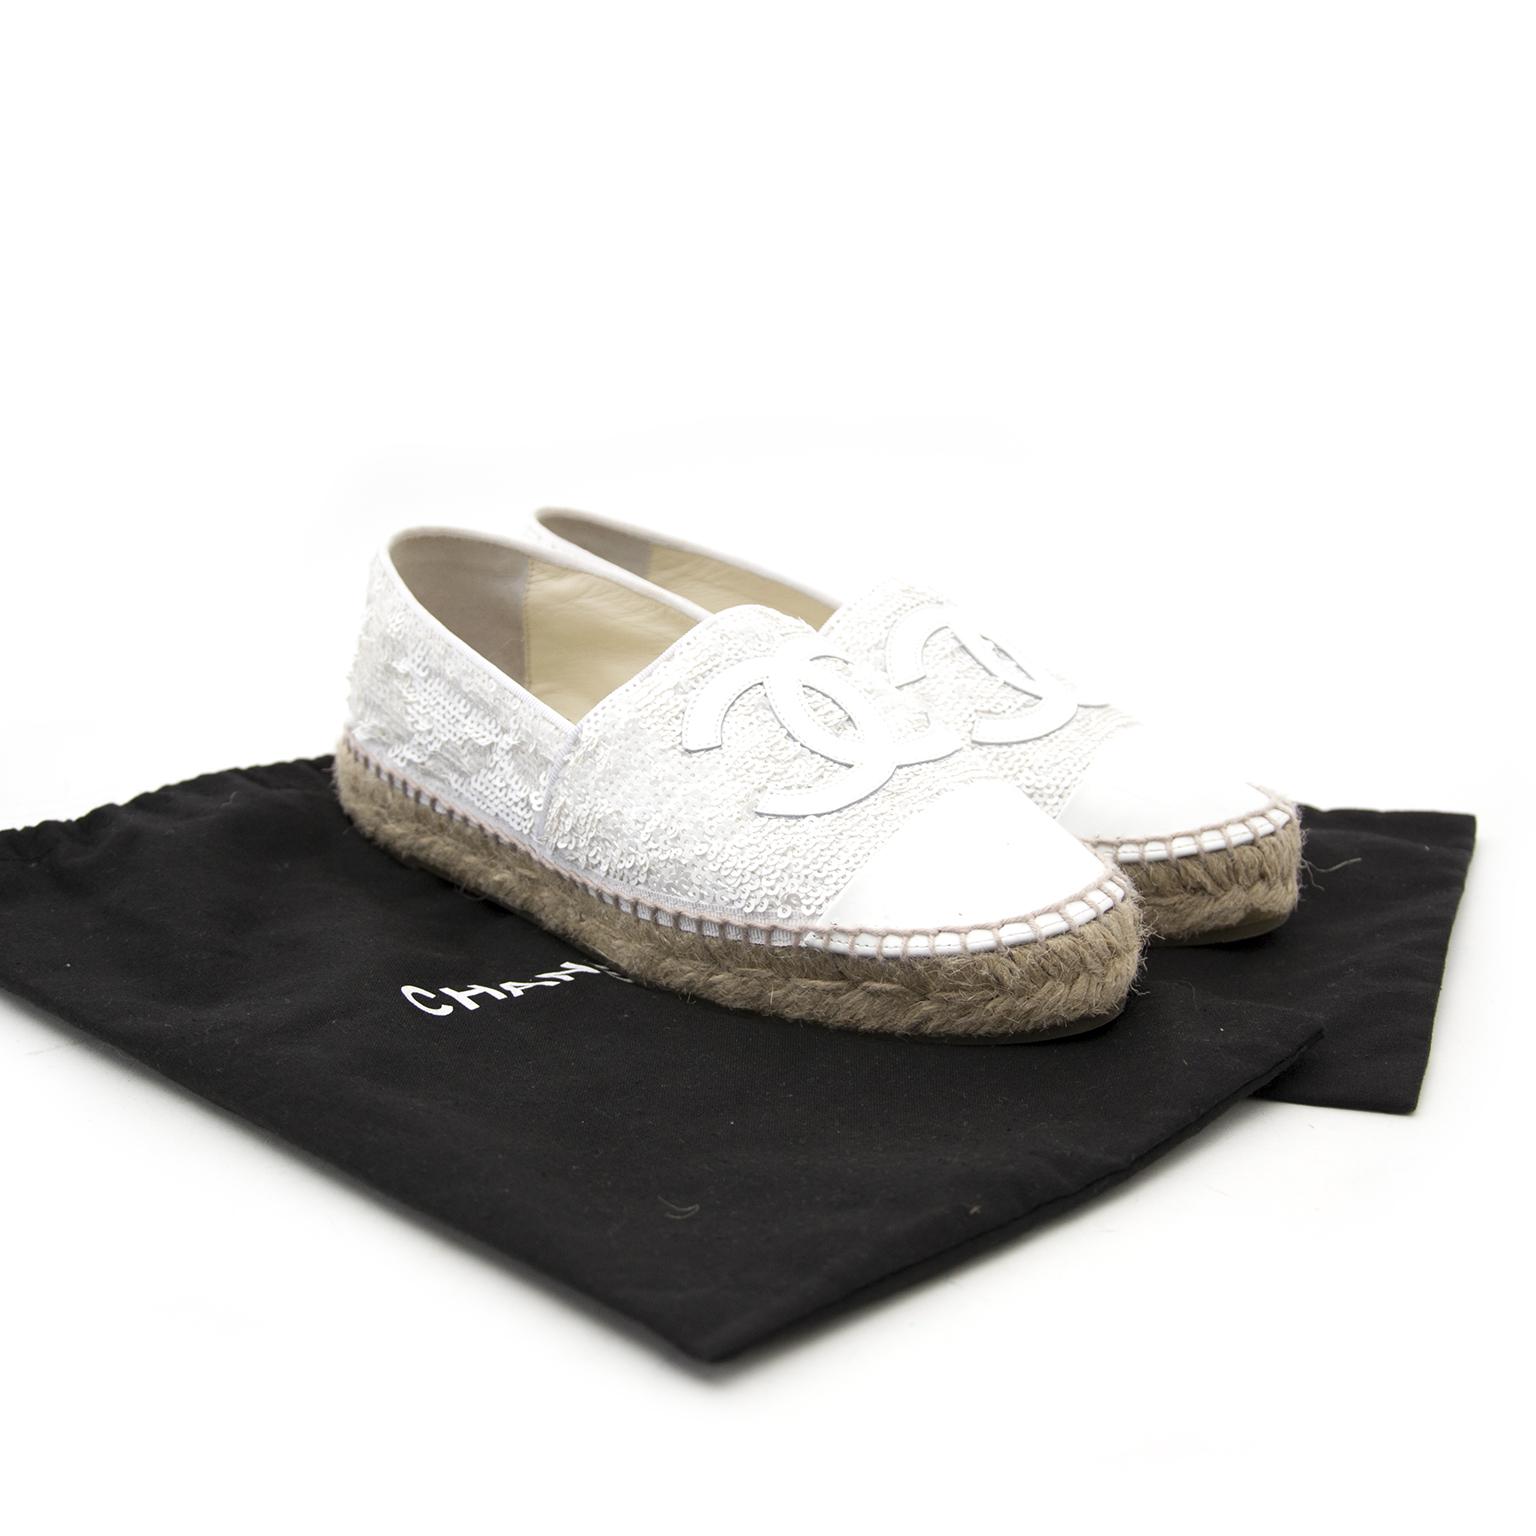 91ba9206bd1 Acheter en ligne chez Labellov.com Chanel White Pailette Espadrilles - Size  36